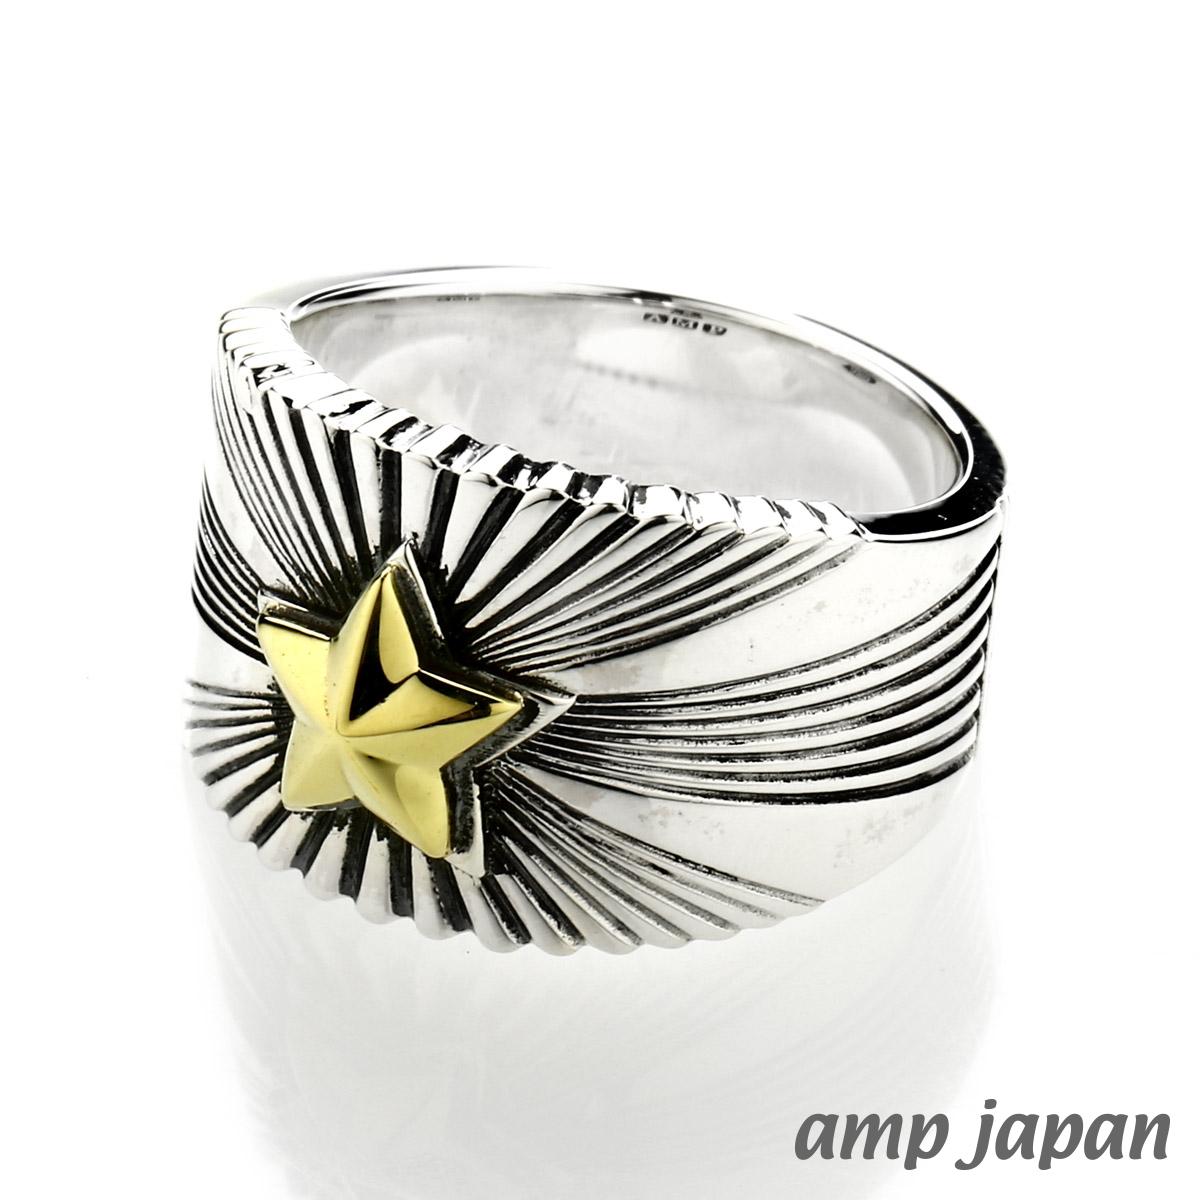 アンプジャパン【amp japan】スターライトリング - シルバー